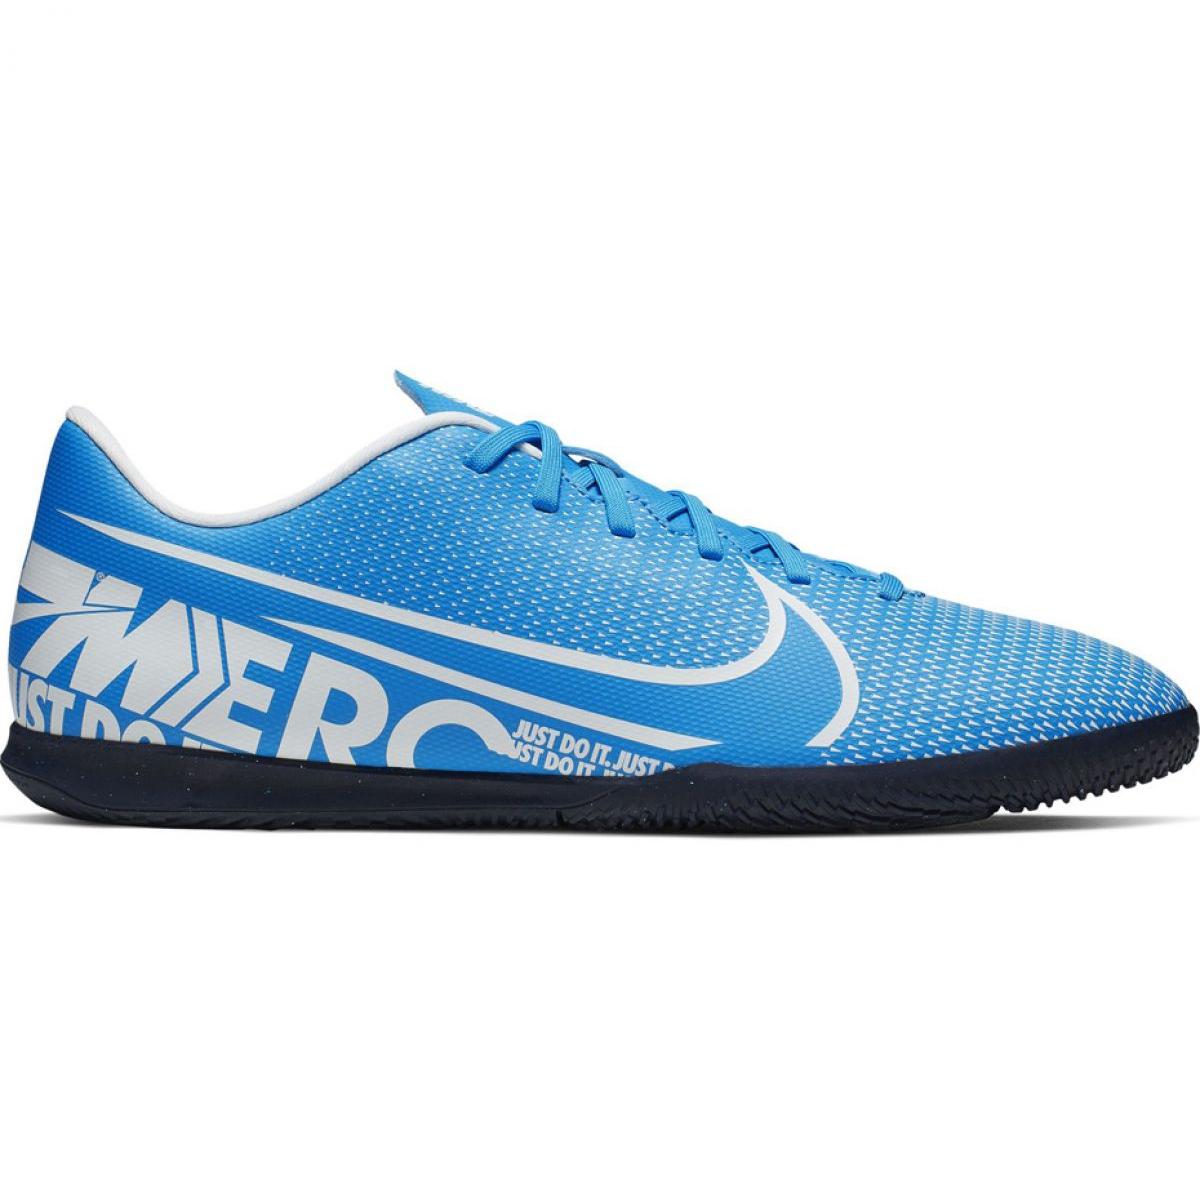 bester Verkauf bestbewertet bester Ort für Fußballschuhe Nike Mercurial Vapor 13 Club Ic M AT7997 414 blau